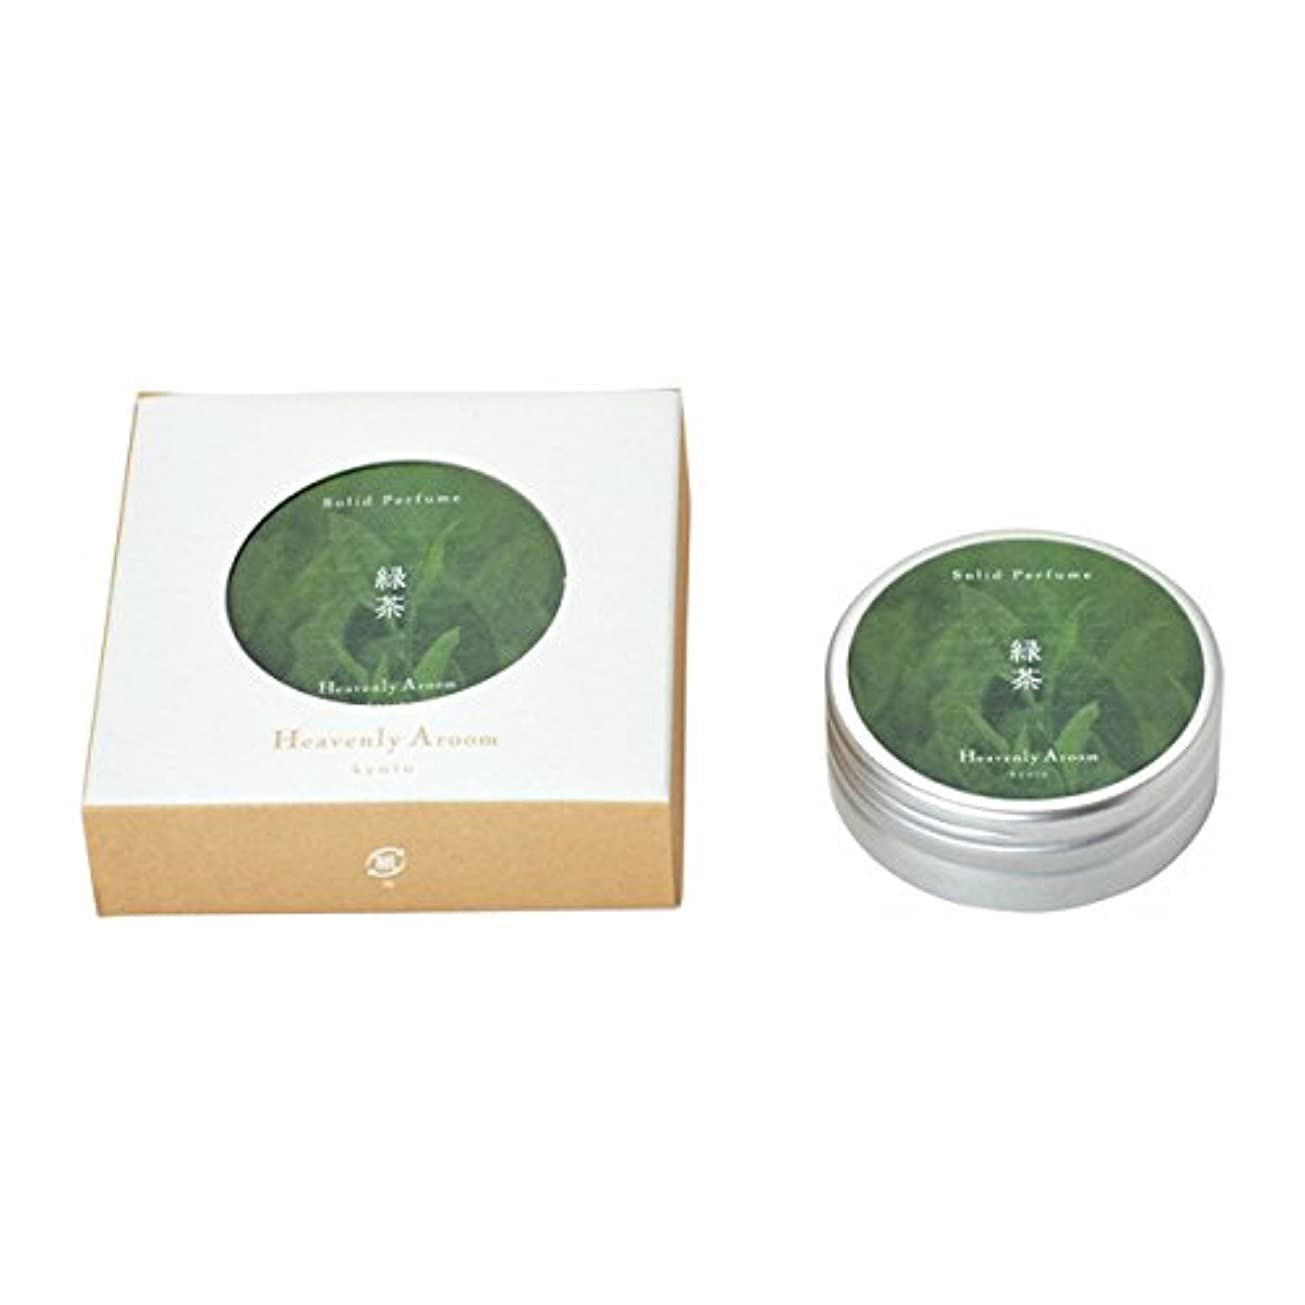 適用済み植物の悪意のあるHeavenly Aroom ソリッドパフューム 緑茶 15g